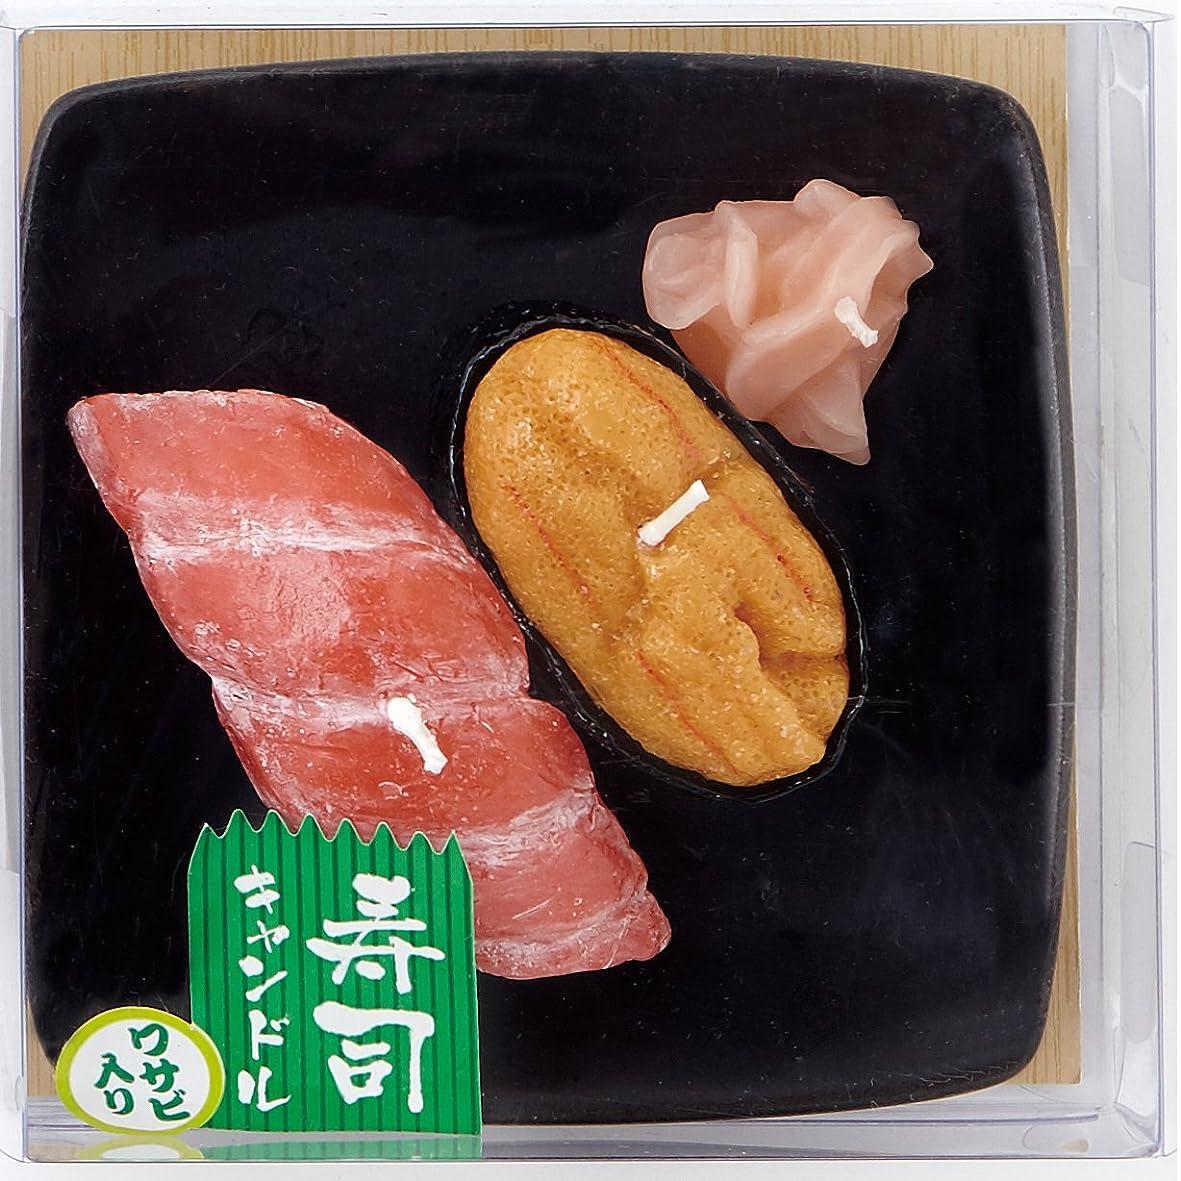 上昇スロー睡眠寿司キャンドル C(ウニ?大トロ) サビ入